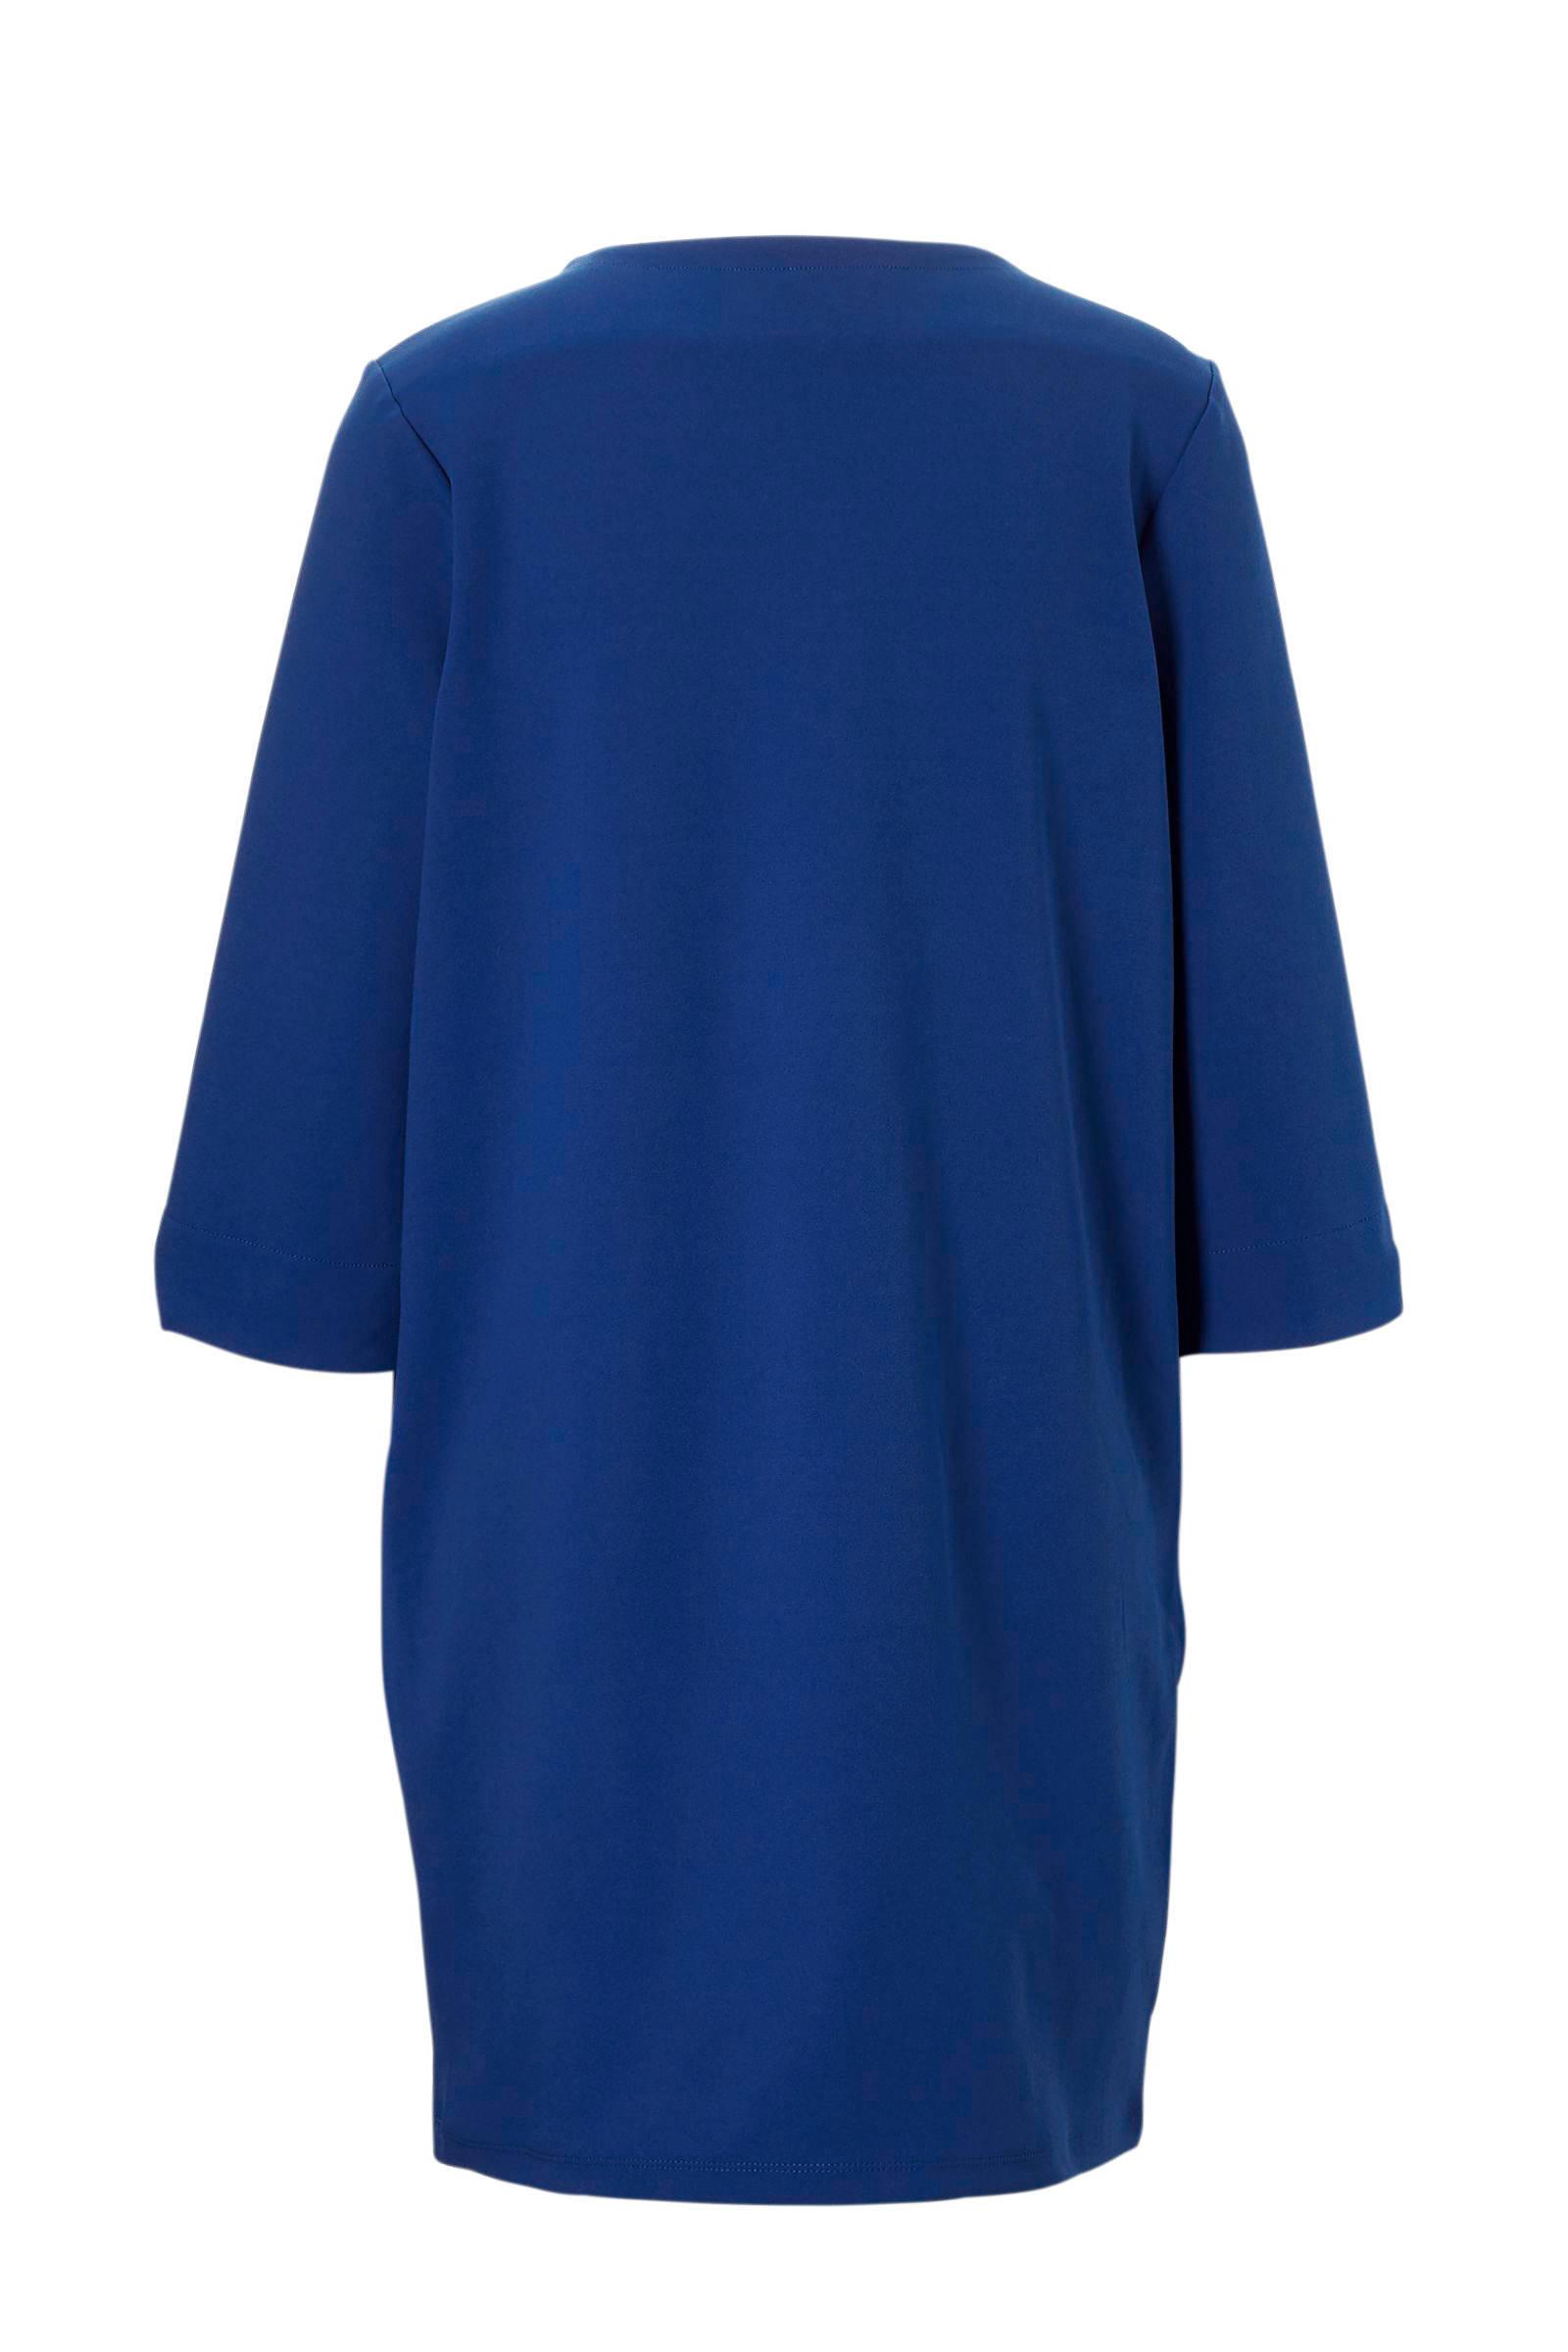 hals VILA V jurk jurk VILA met xRFY7vq